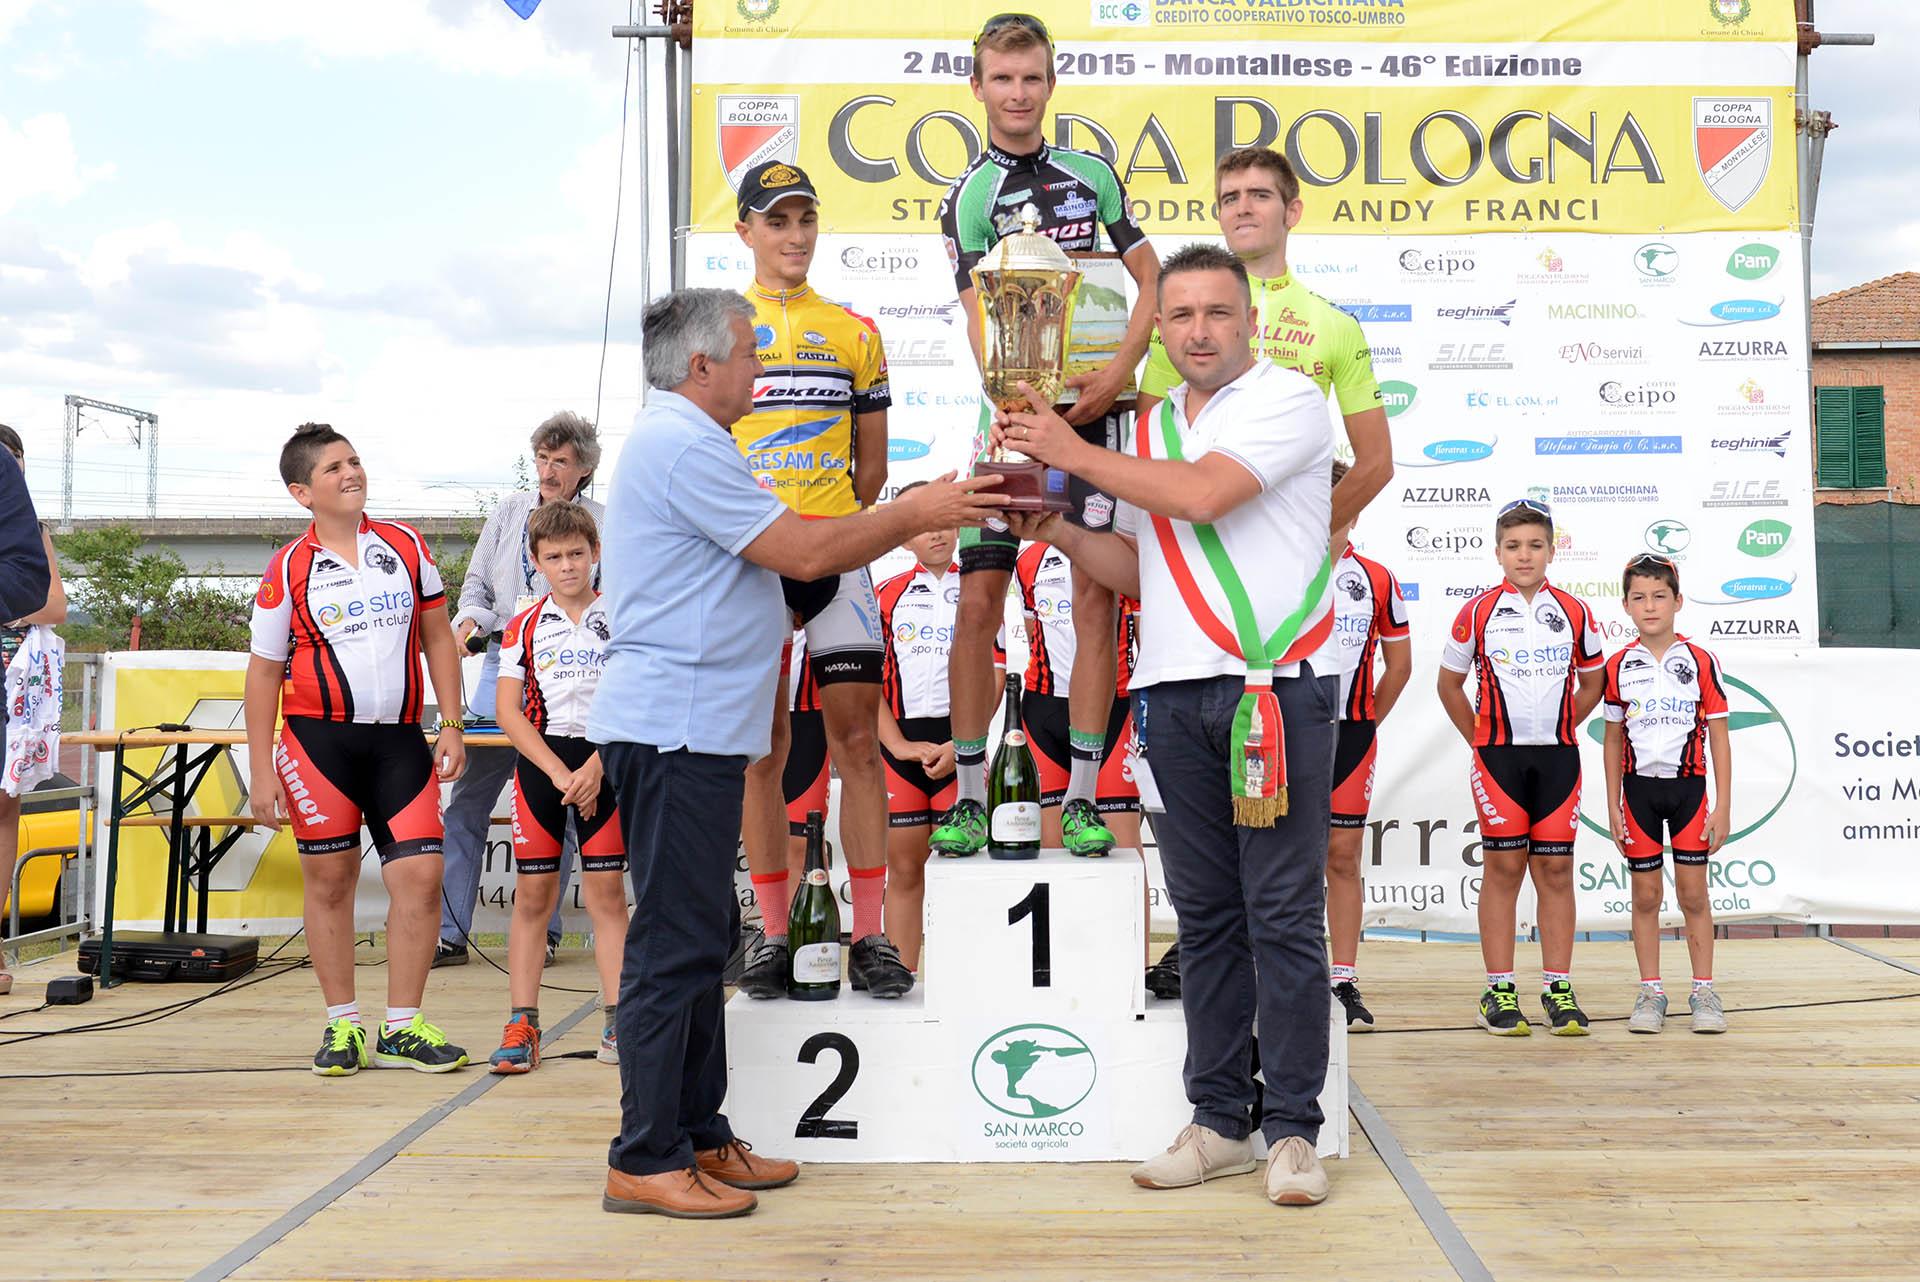 ciclismo-coppa-bologna-chiusi